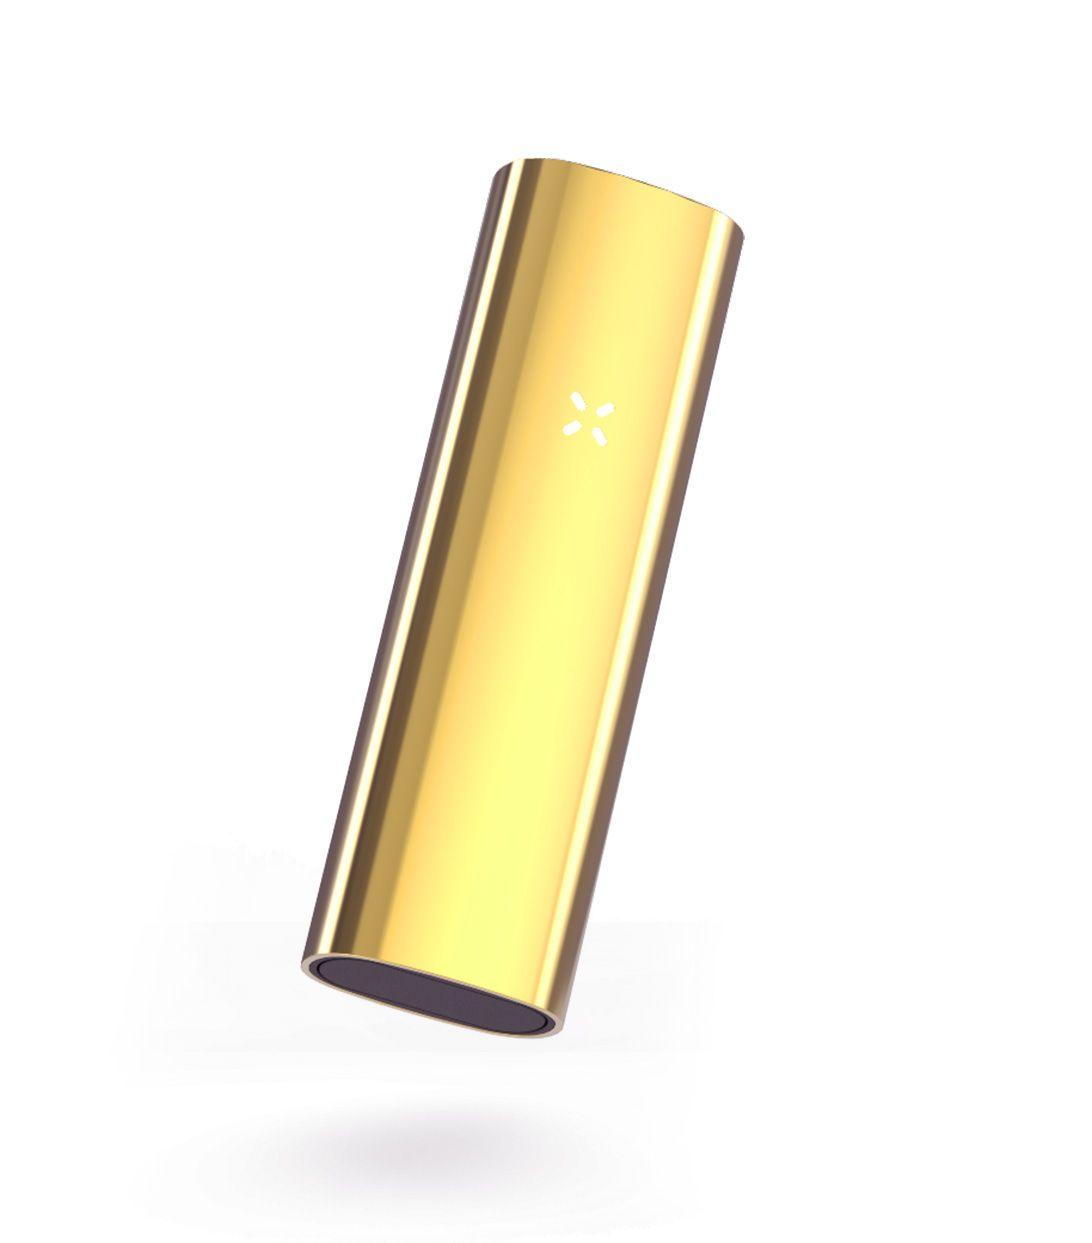 gold vaporizer